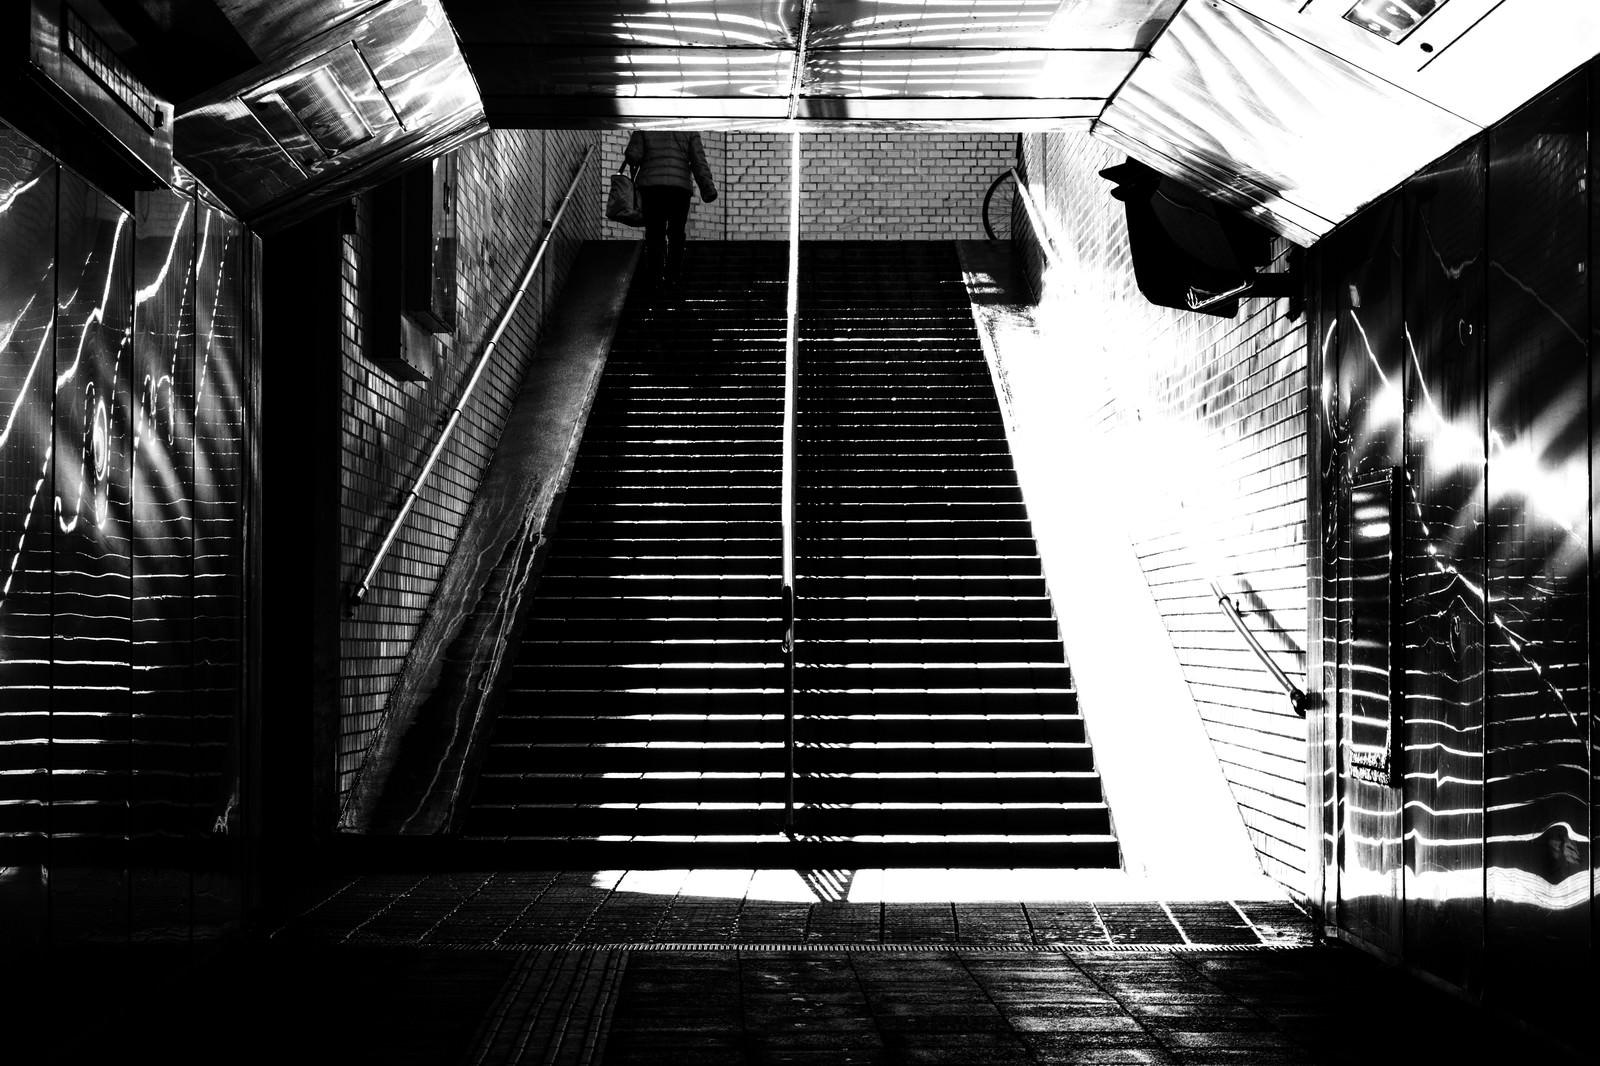 「地下通路(モノクロ)」の写真